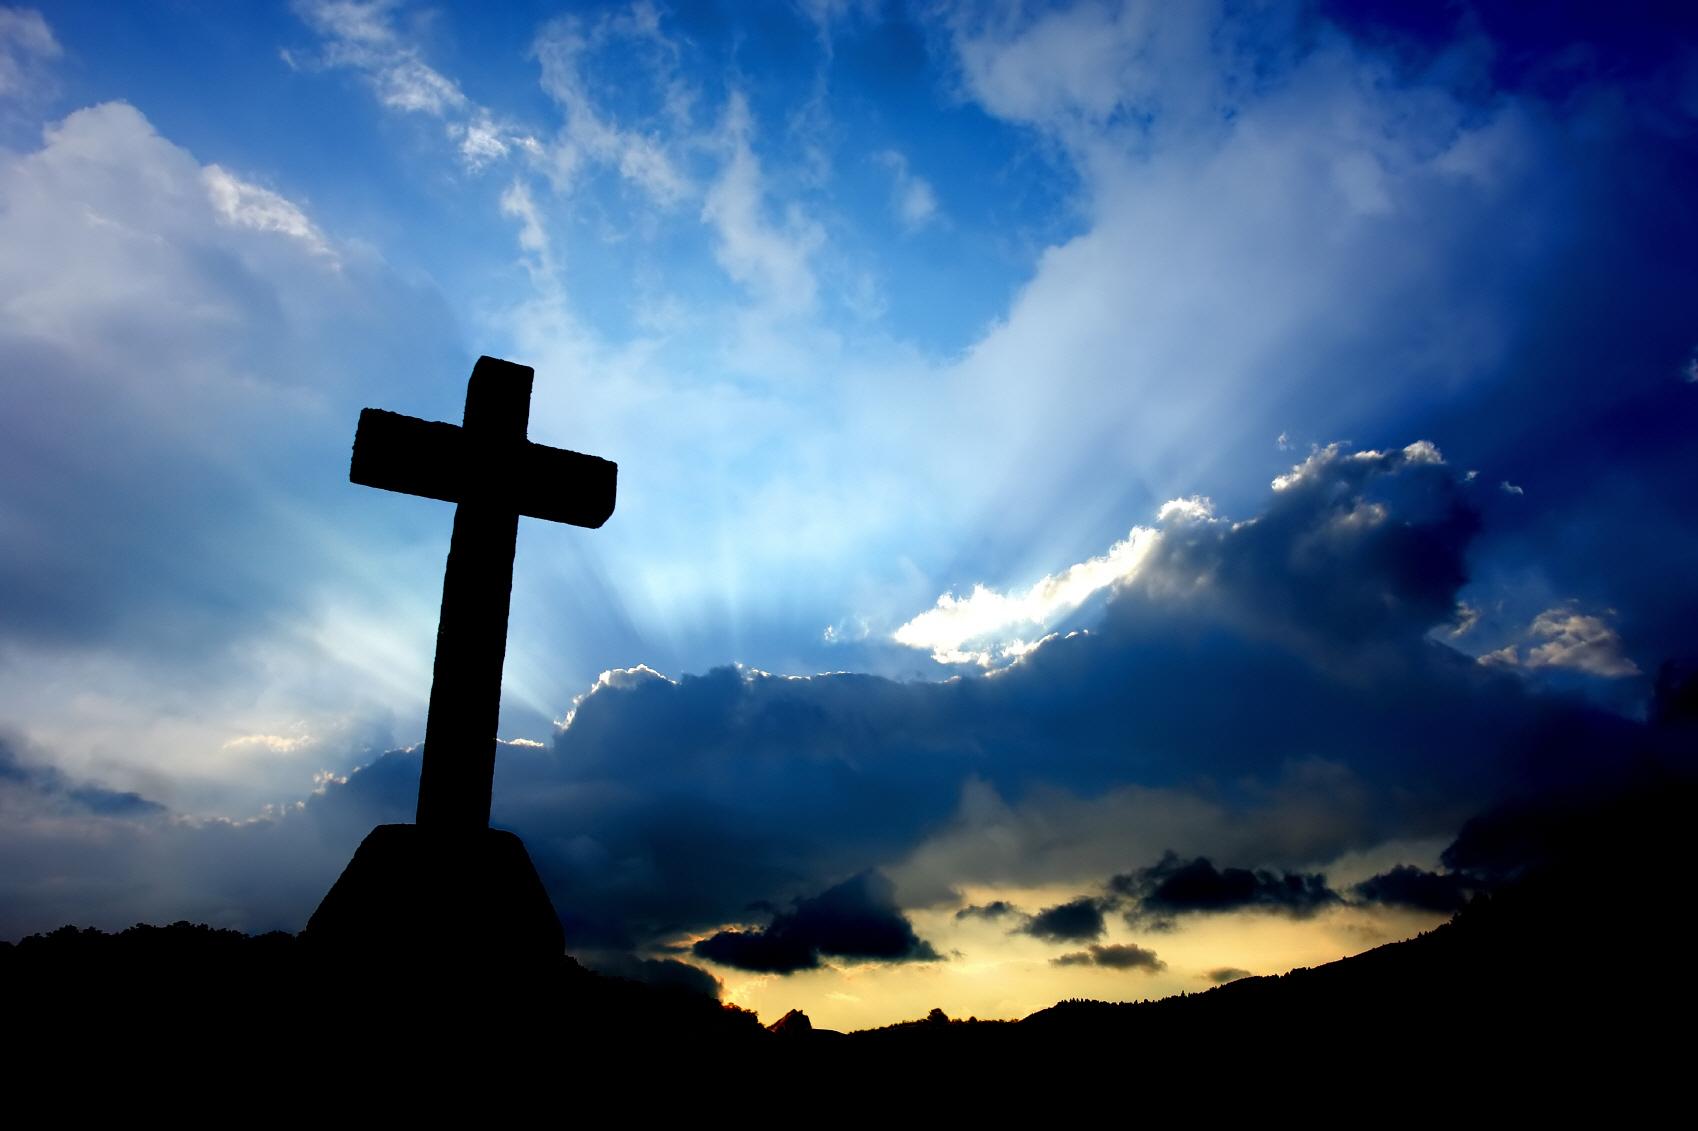 Về cuộc lật đổ tôn giáo của khoa học